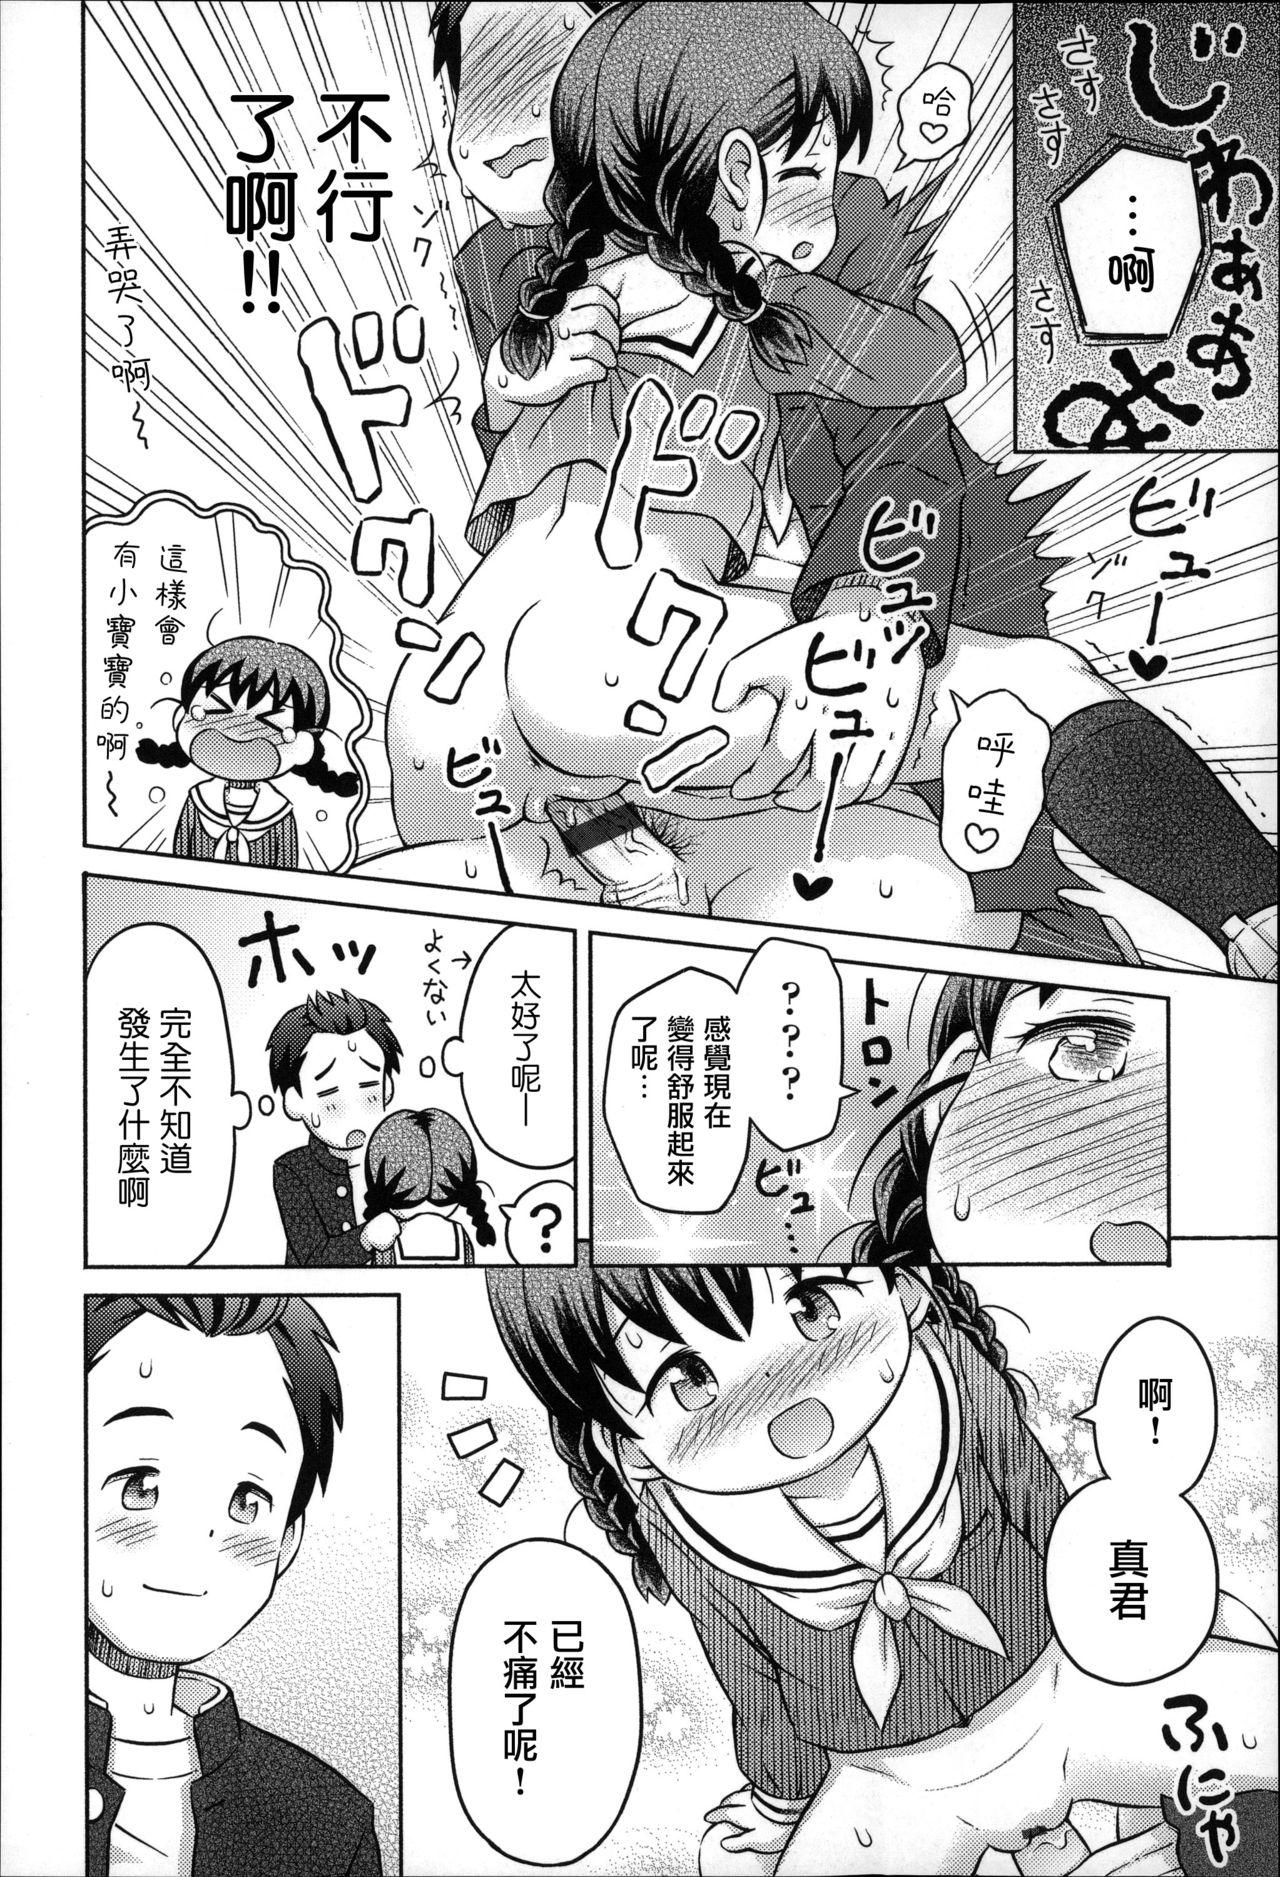 Niji Lo 3-nensei 67